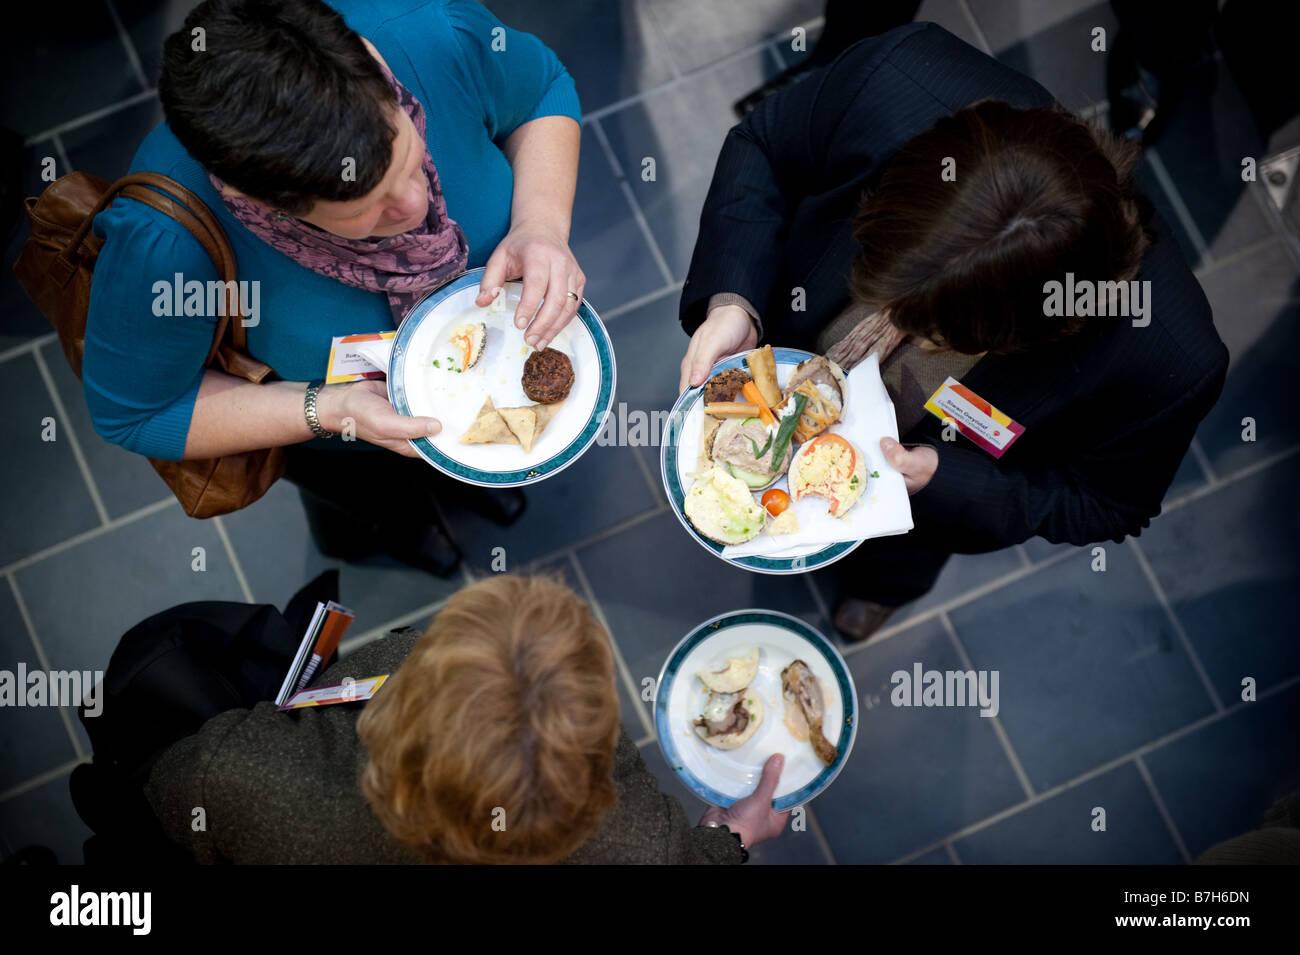 Eat Meeting Stock Photos Amp Eat Meeting Stock Images Alamy